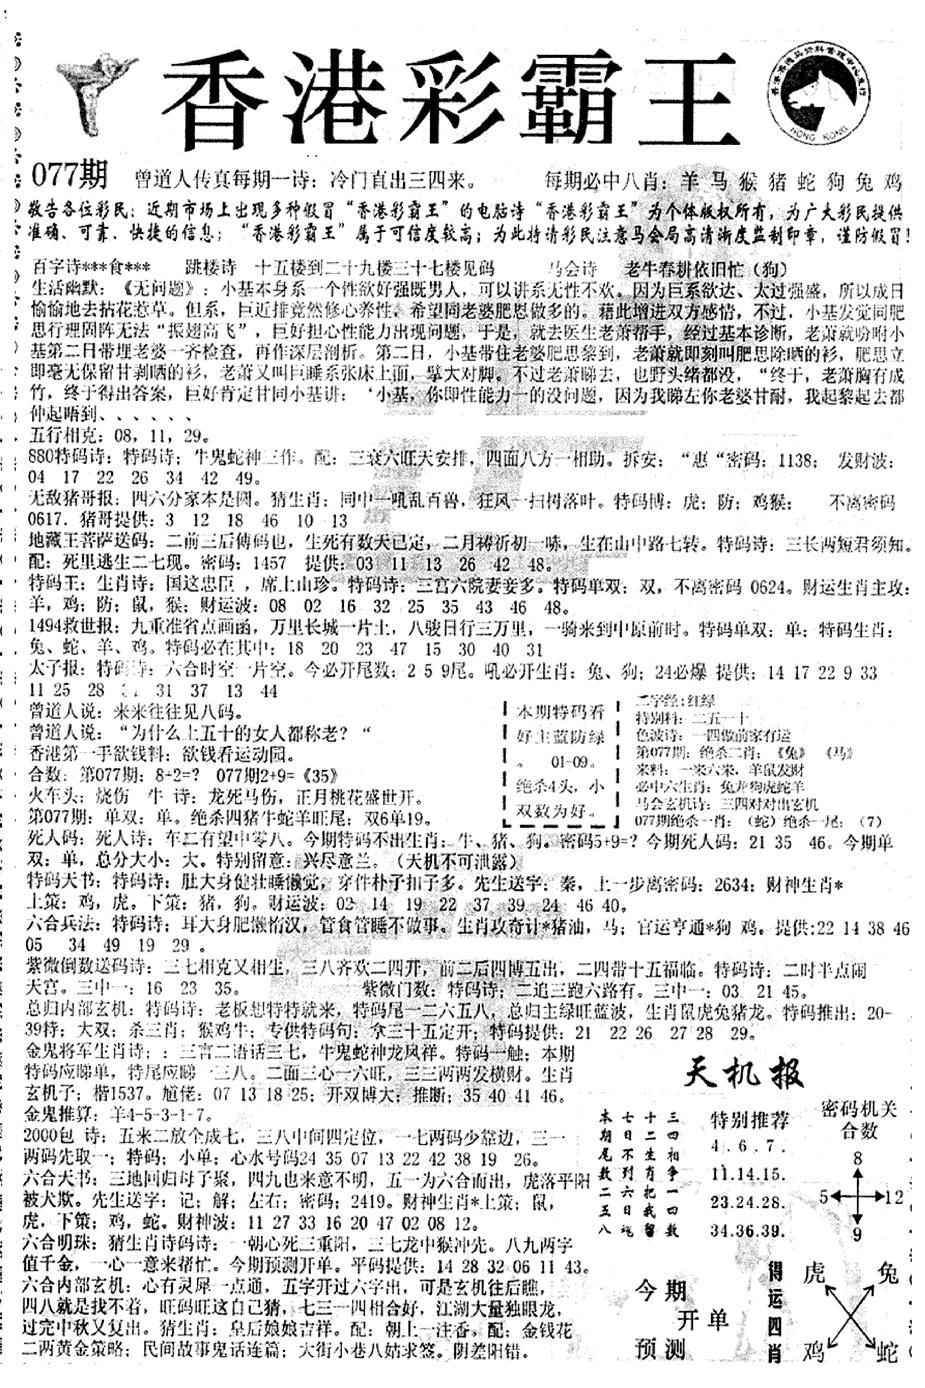 077期平西版彩霸王A(黑白)